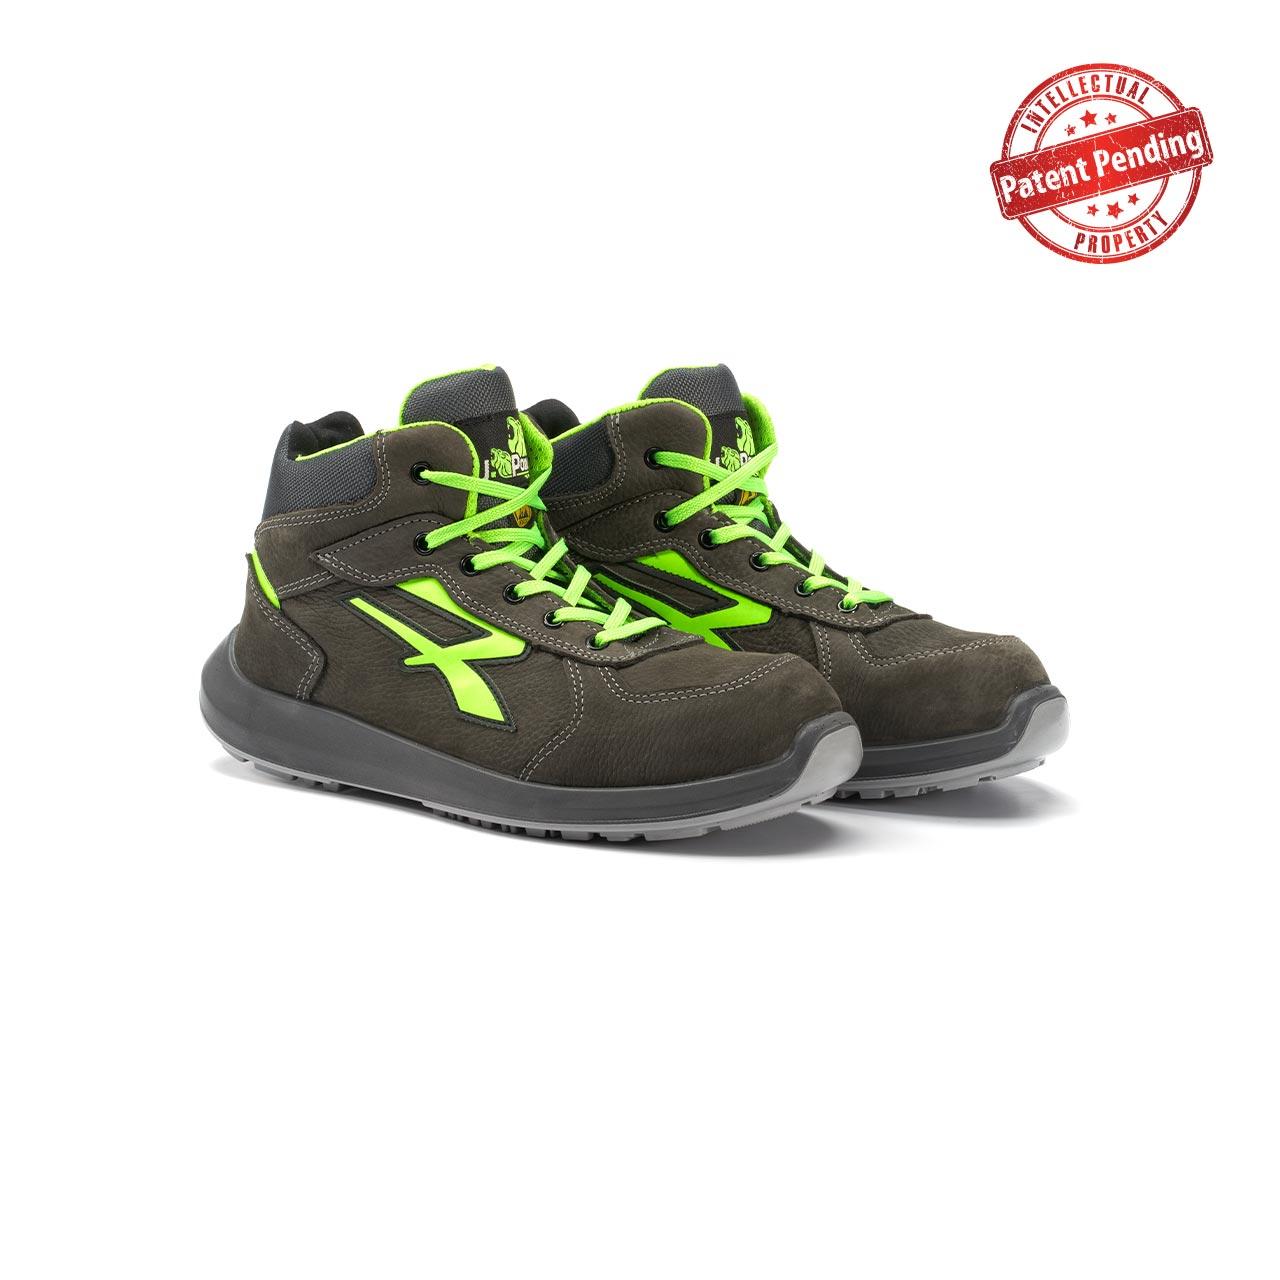 paio di scarpe antinfortunistiche alte upower modello aries linea redup vista prospettica